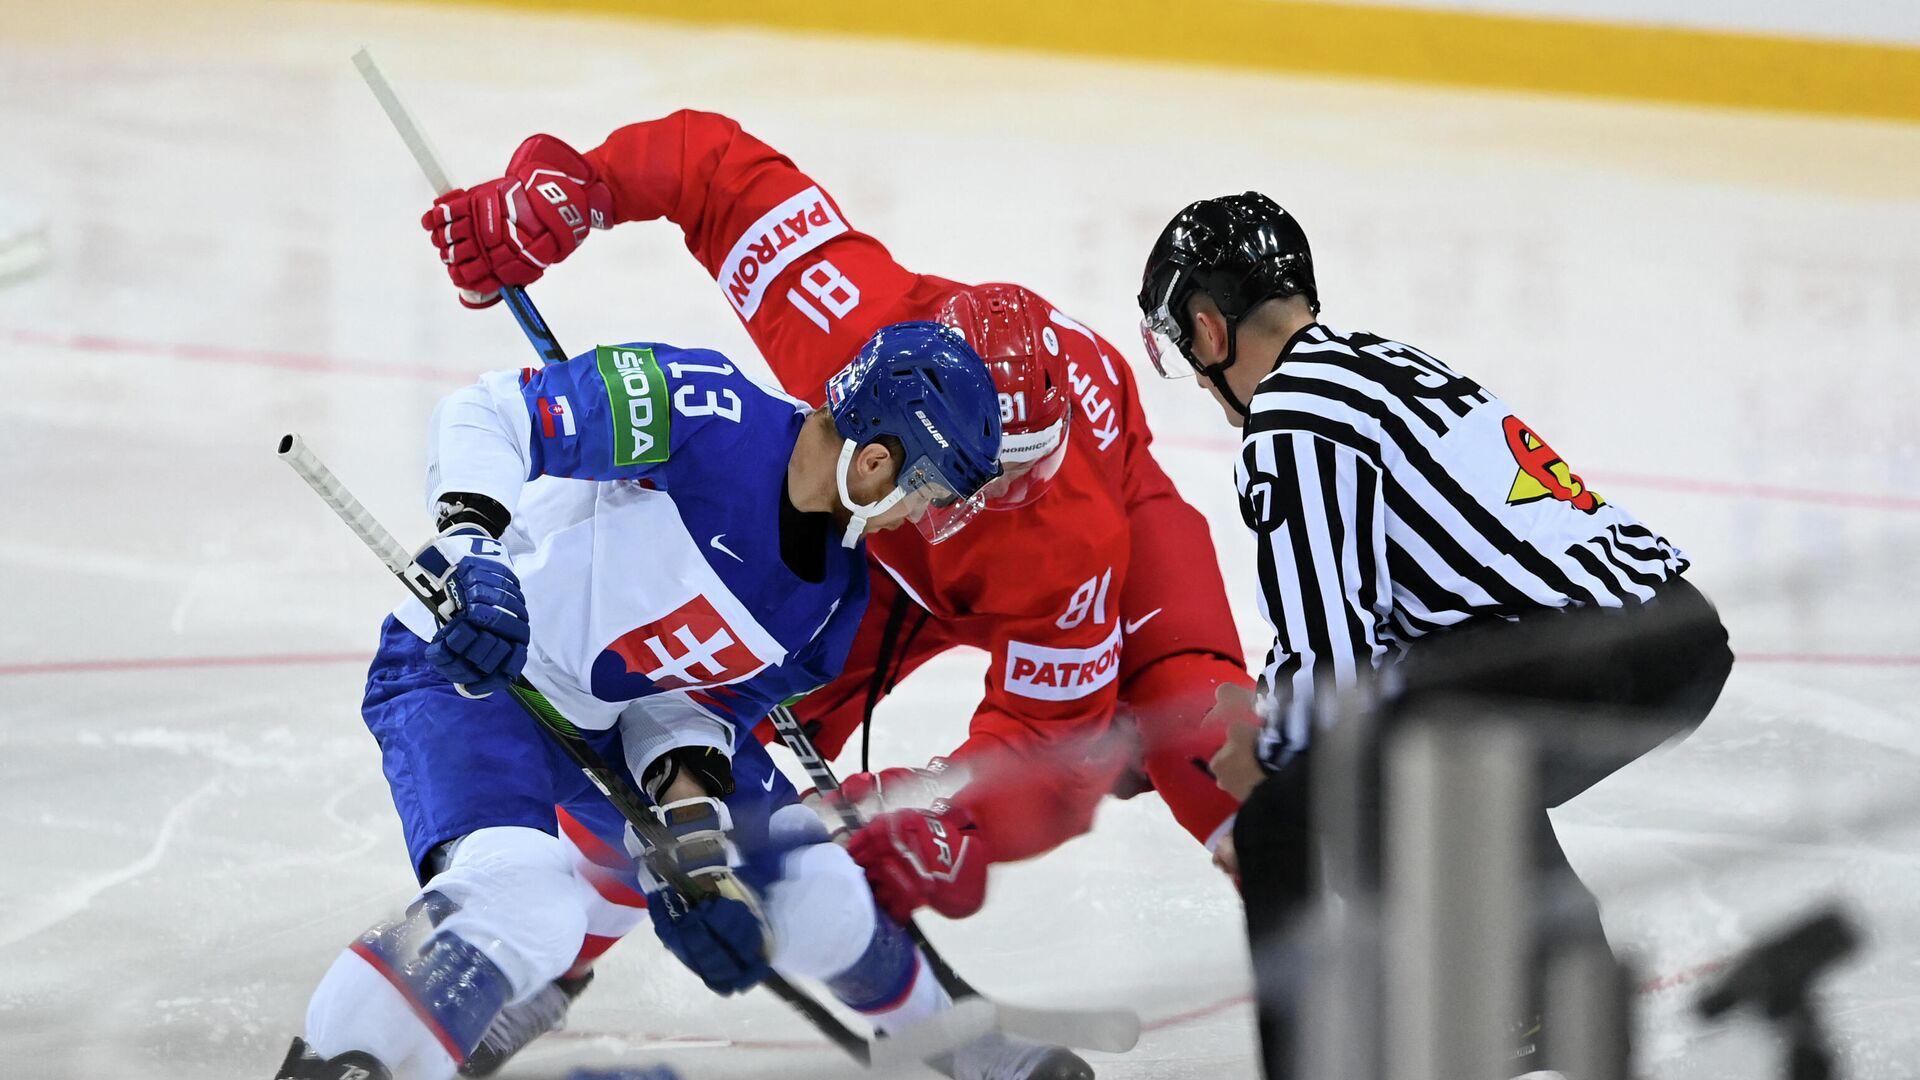 Игровой момент матча чемпионата мира по хоккею Словакия - Россия - РИА Новости, 1920, 24.05.2021